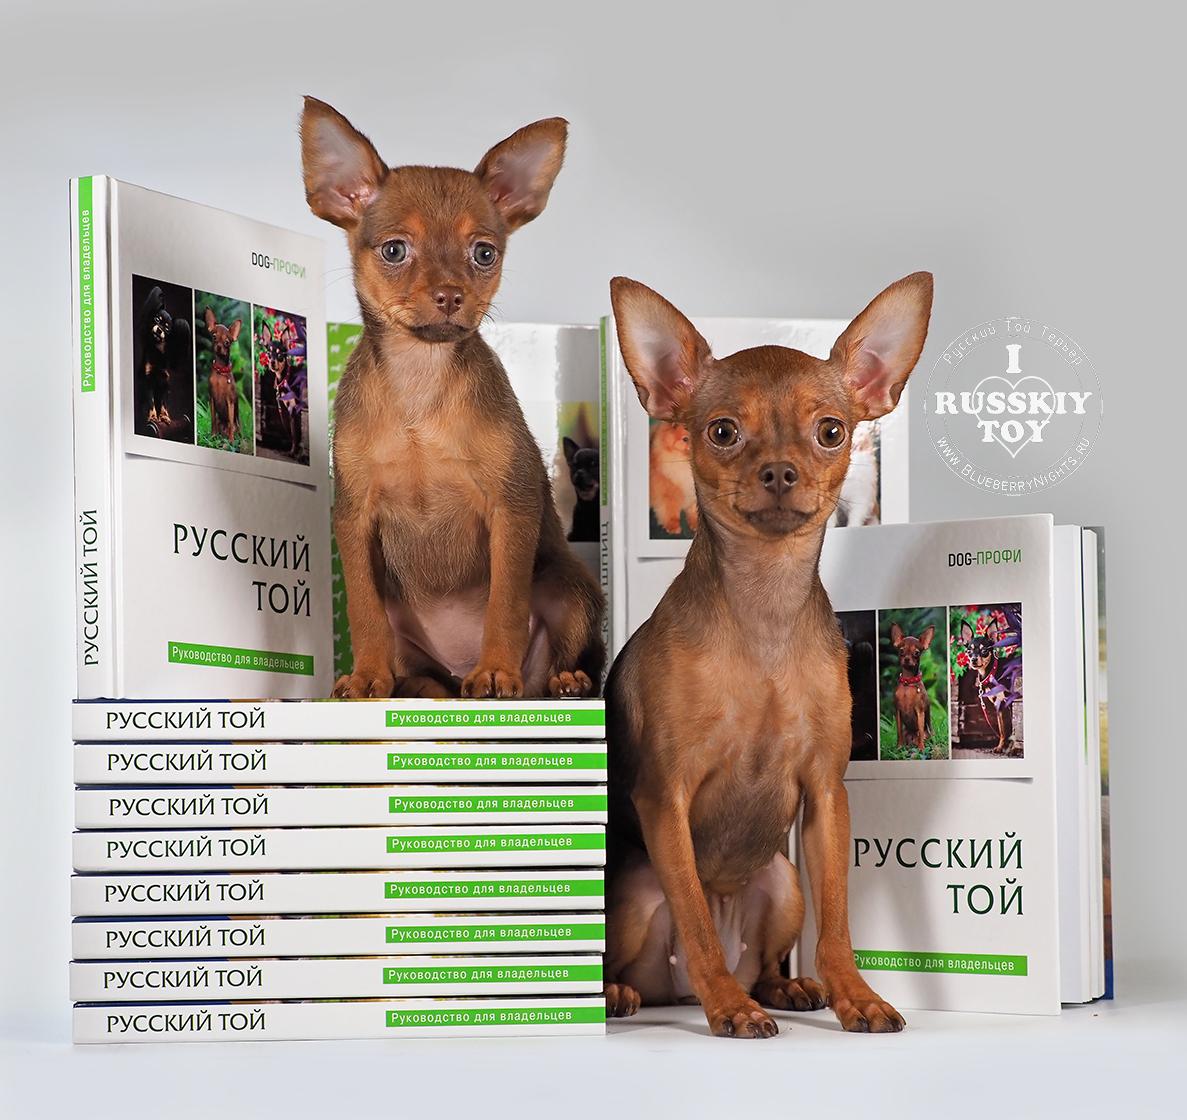 Книга Русский той купить автор Дугина А.